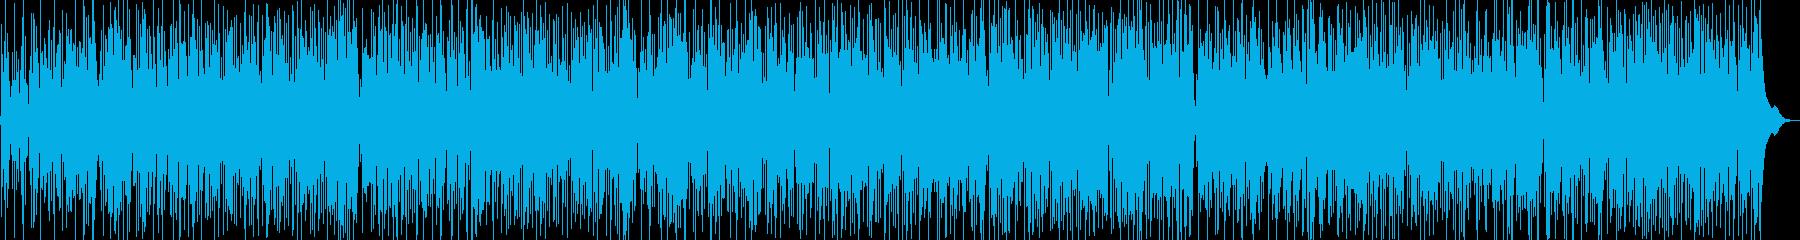 ハッピー感あふれる軽快なスカビートの再生済みの波形